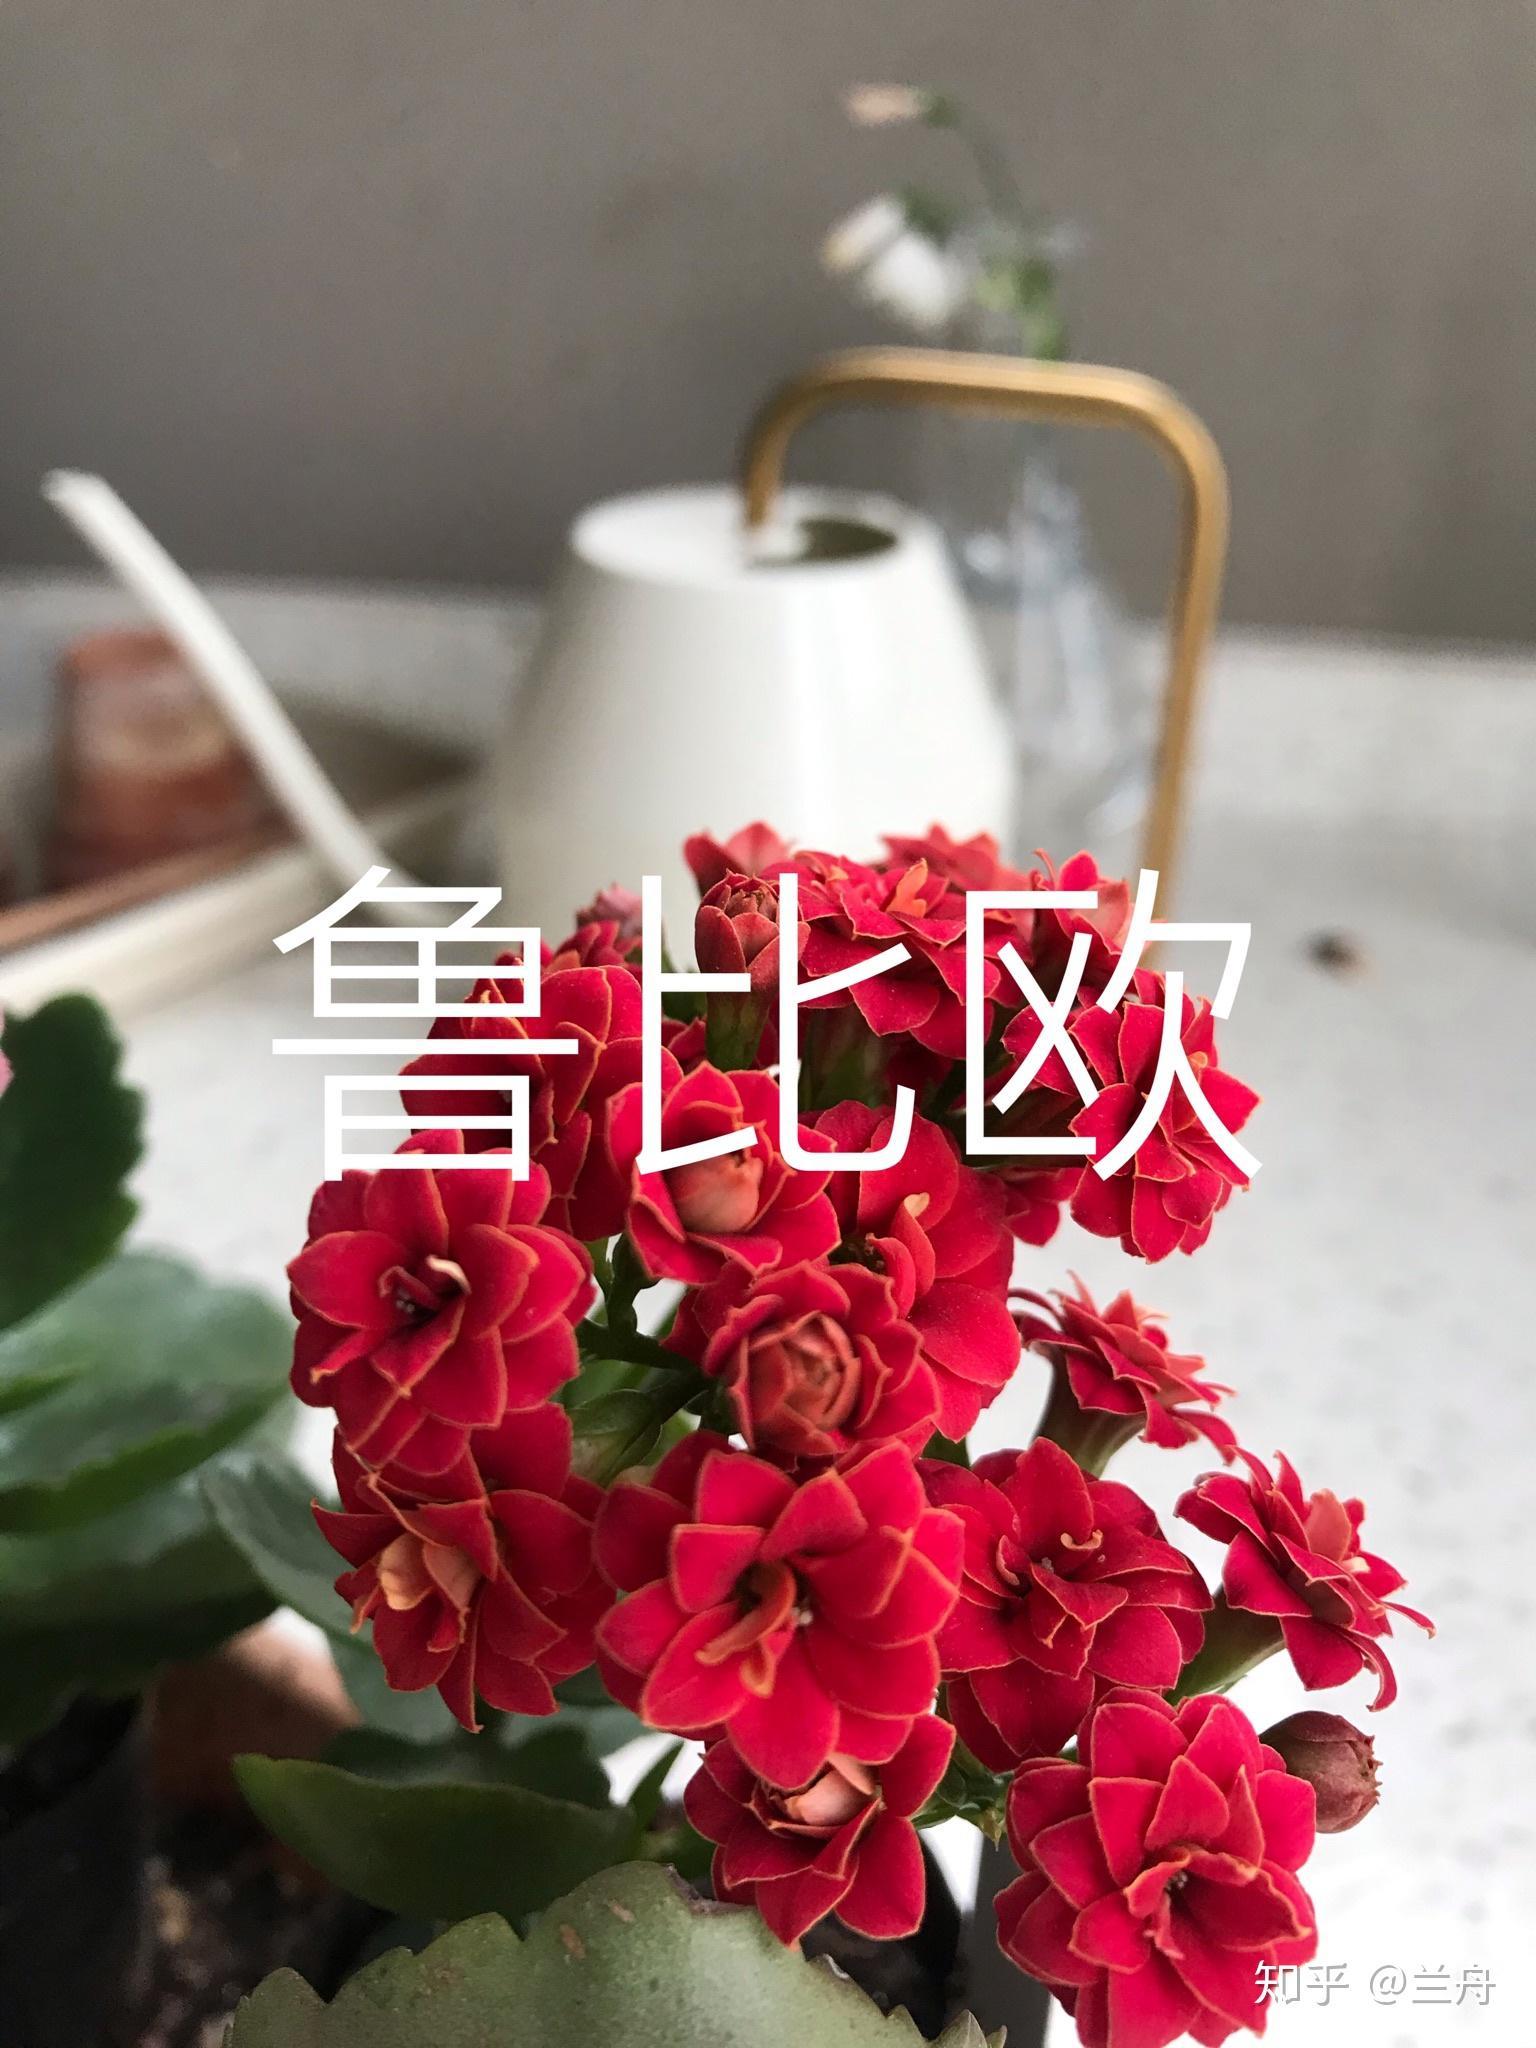 有沒有什么家里養的常開花的不容易養死的植物? - 知乎